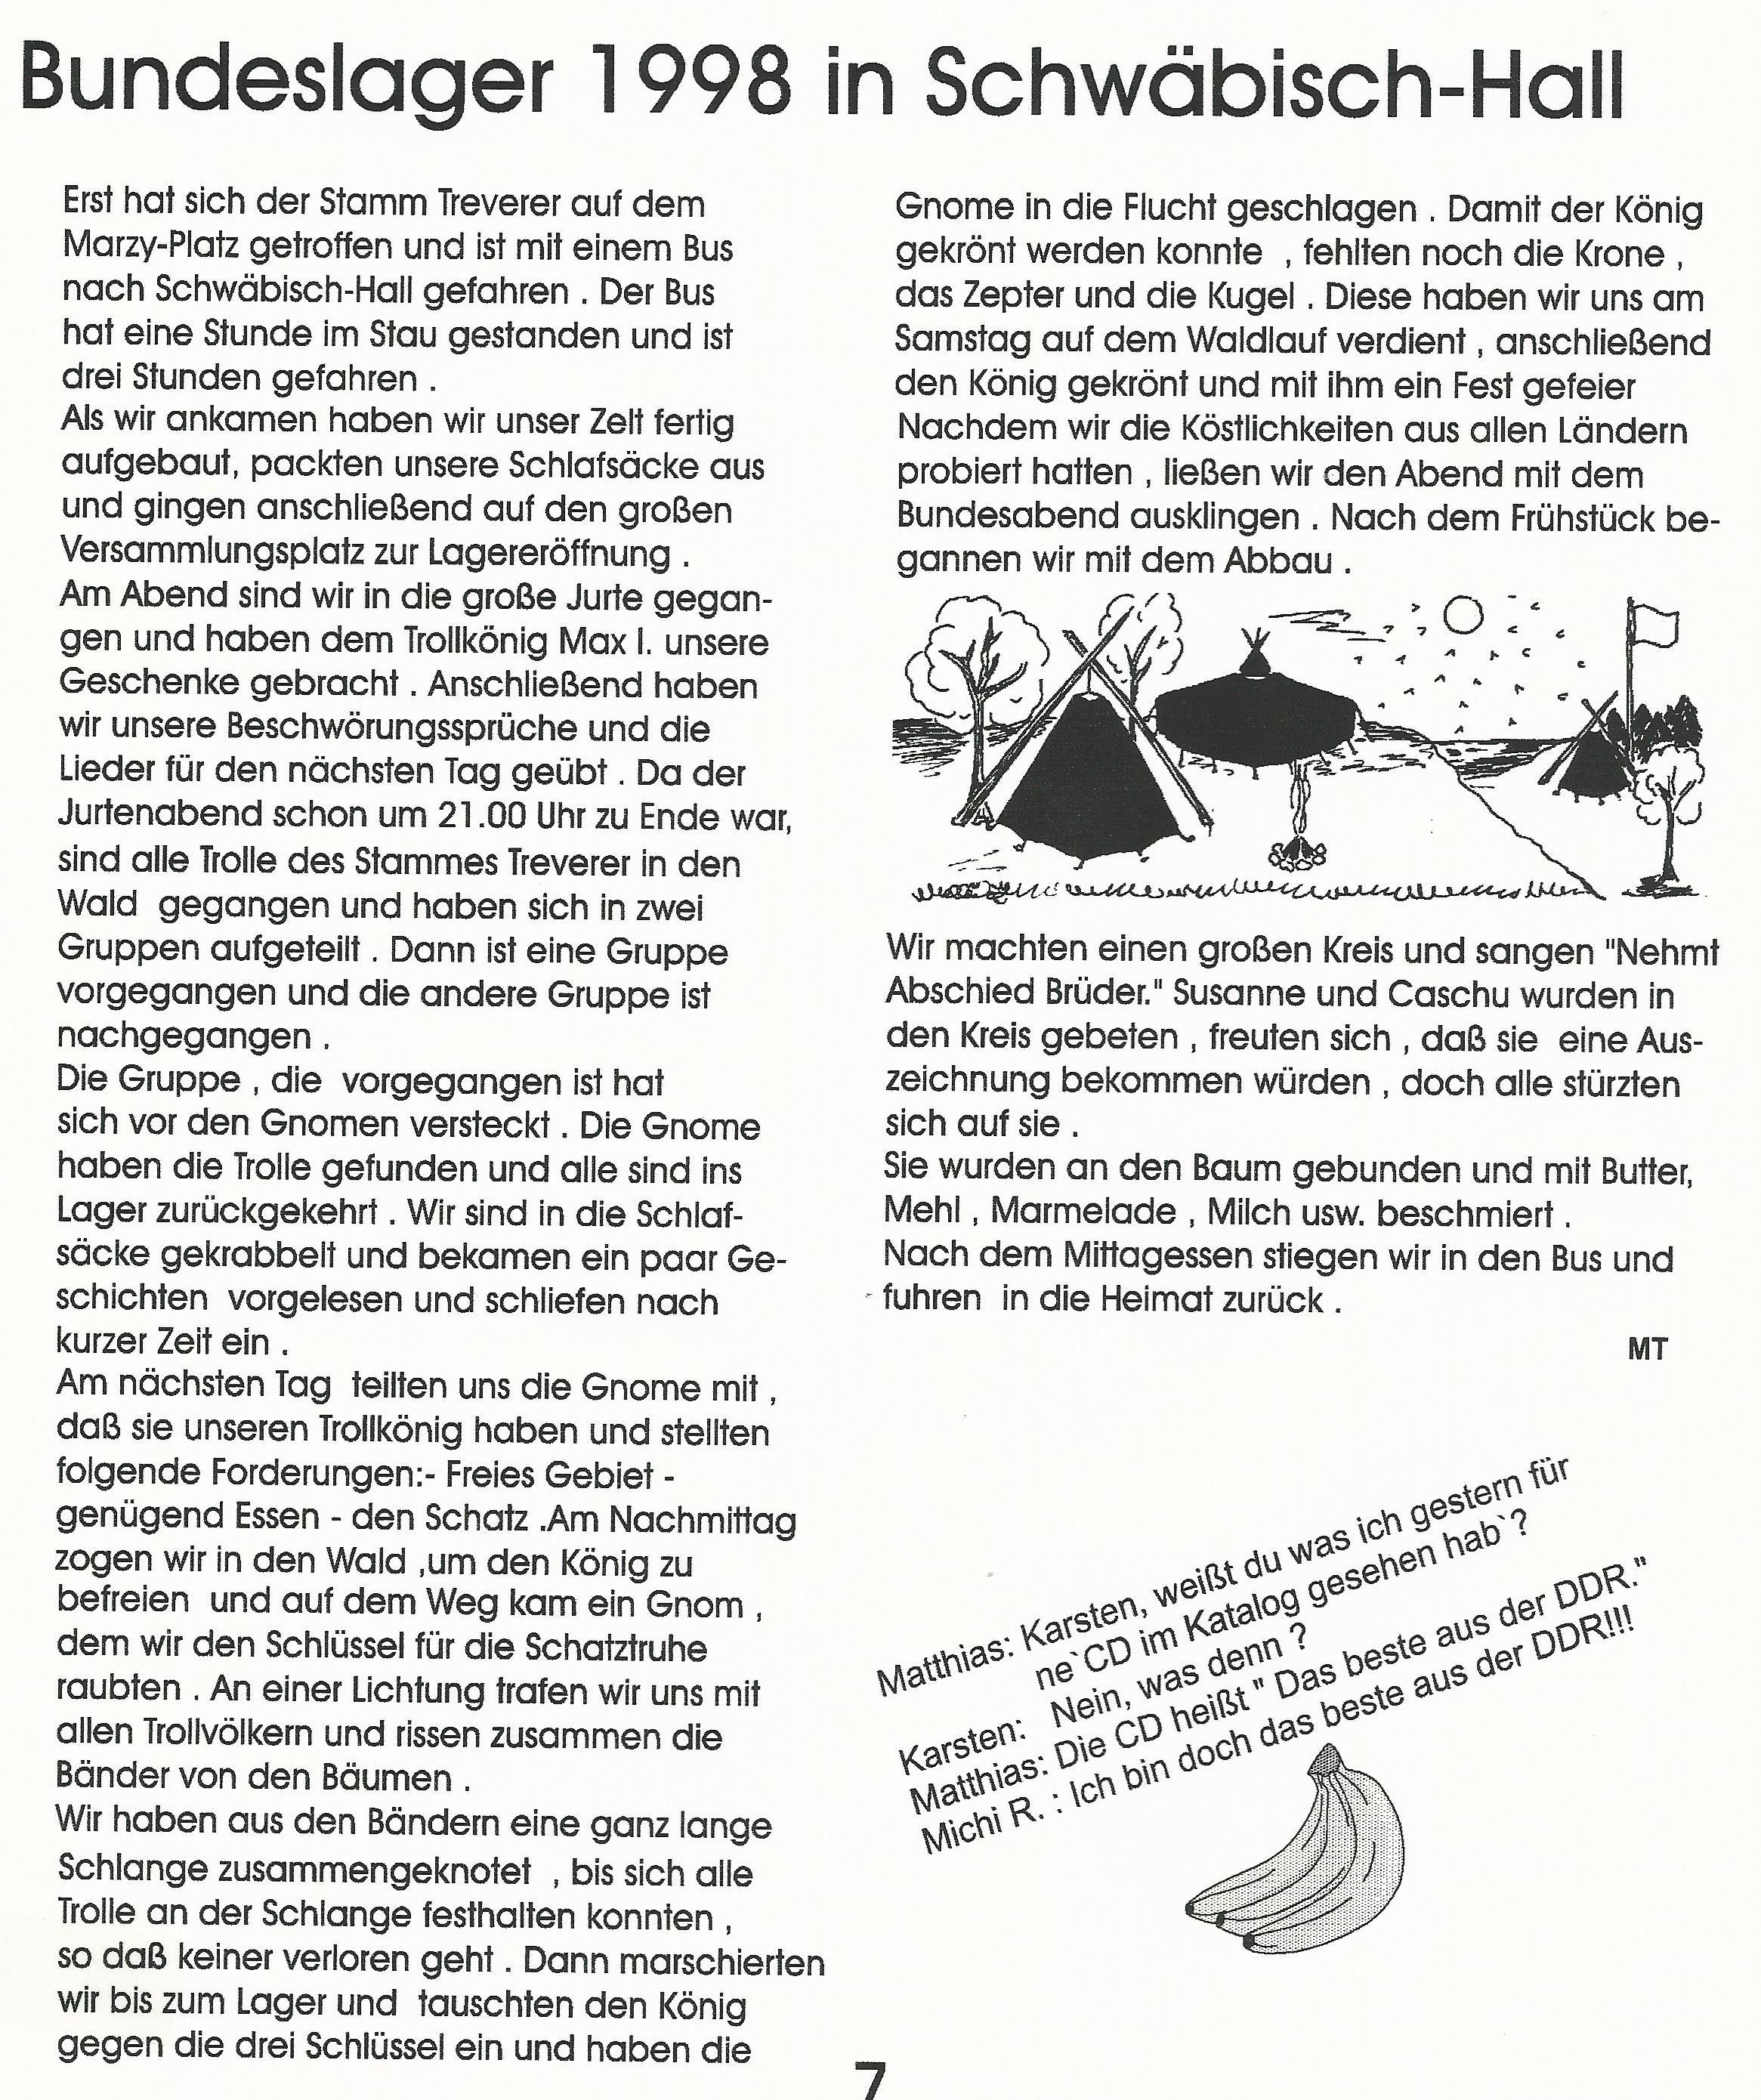 BuLa 1998 in Schwäbisch-Hall